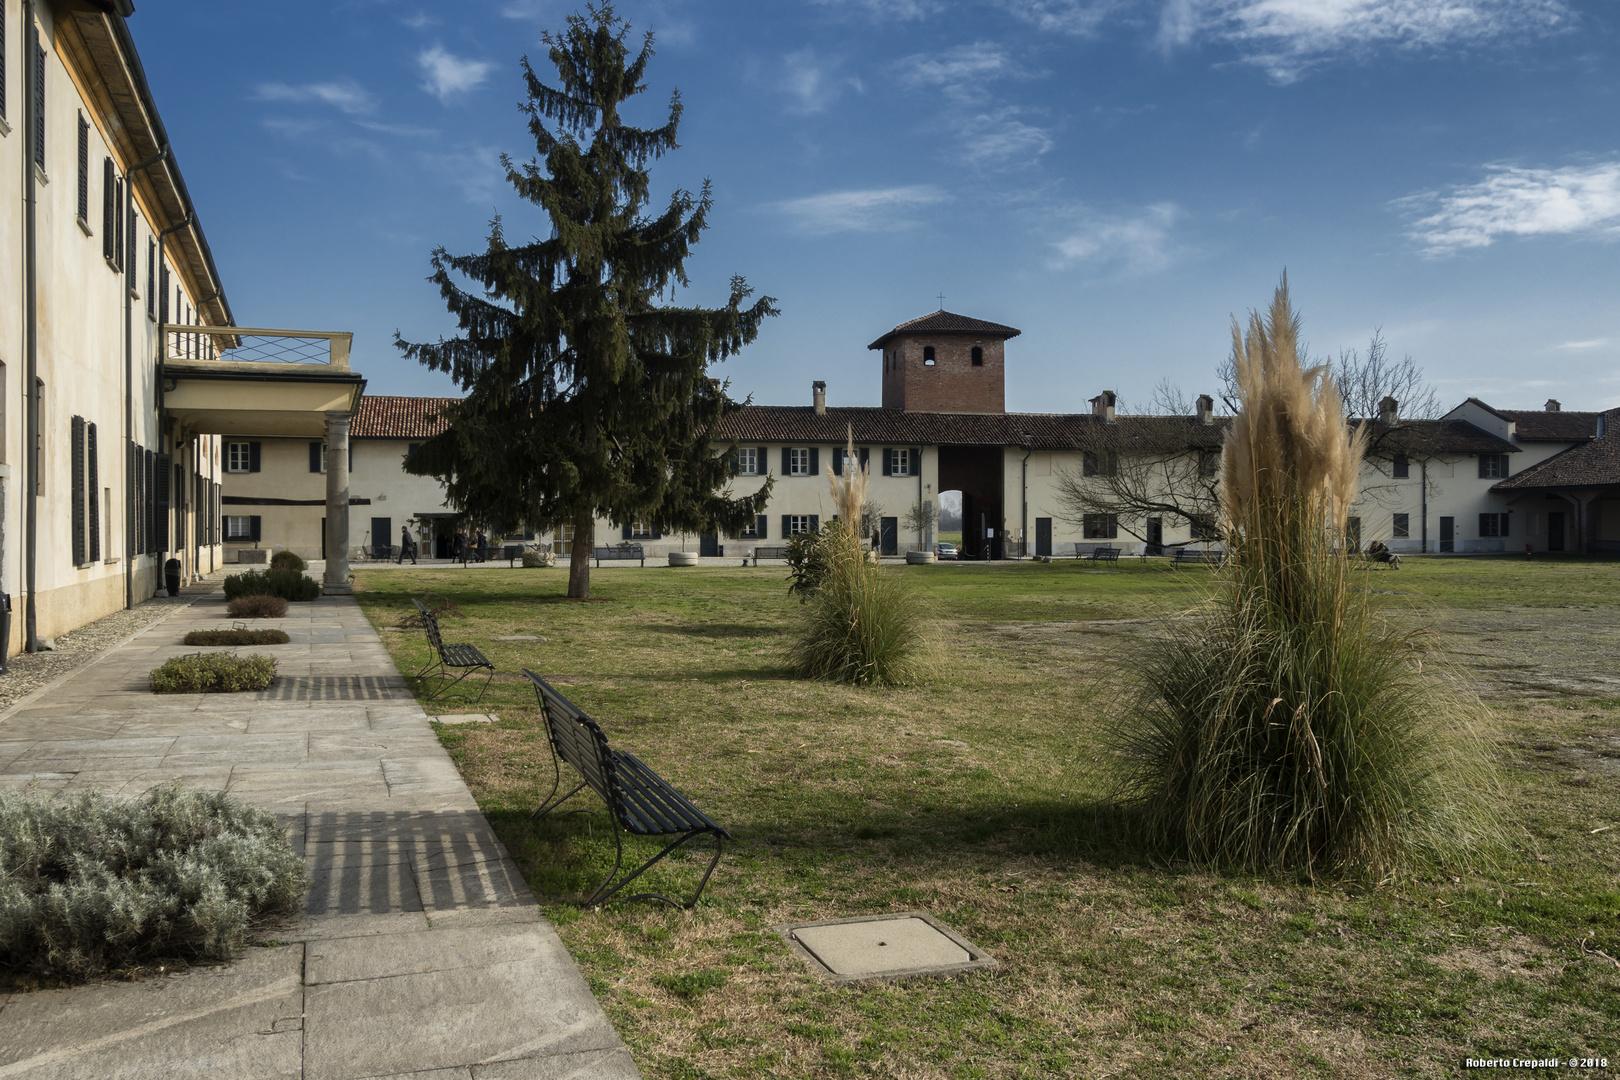 Abbazia di Mirasole, corte